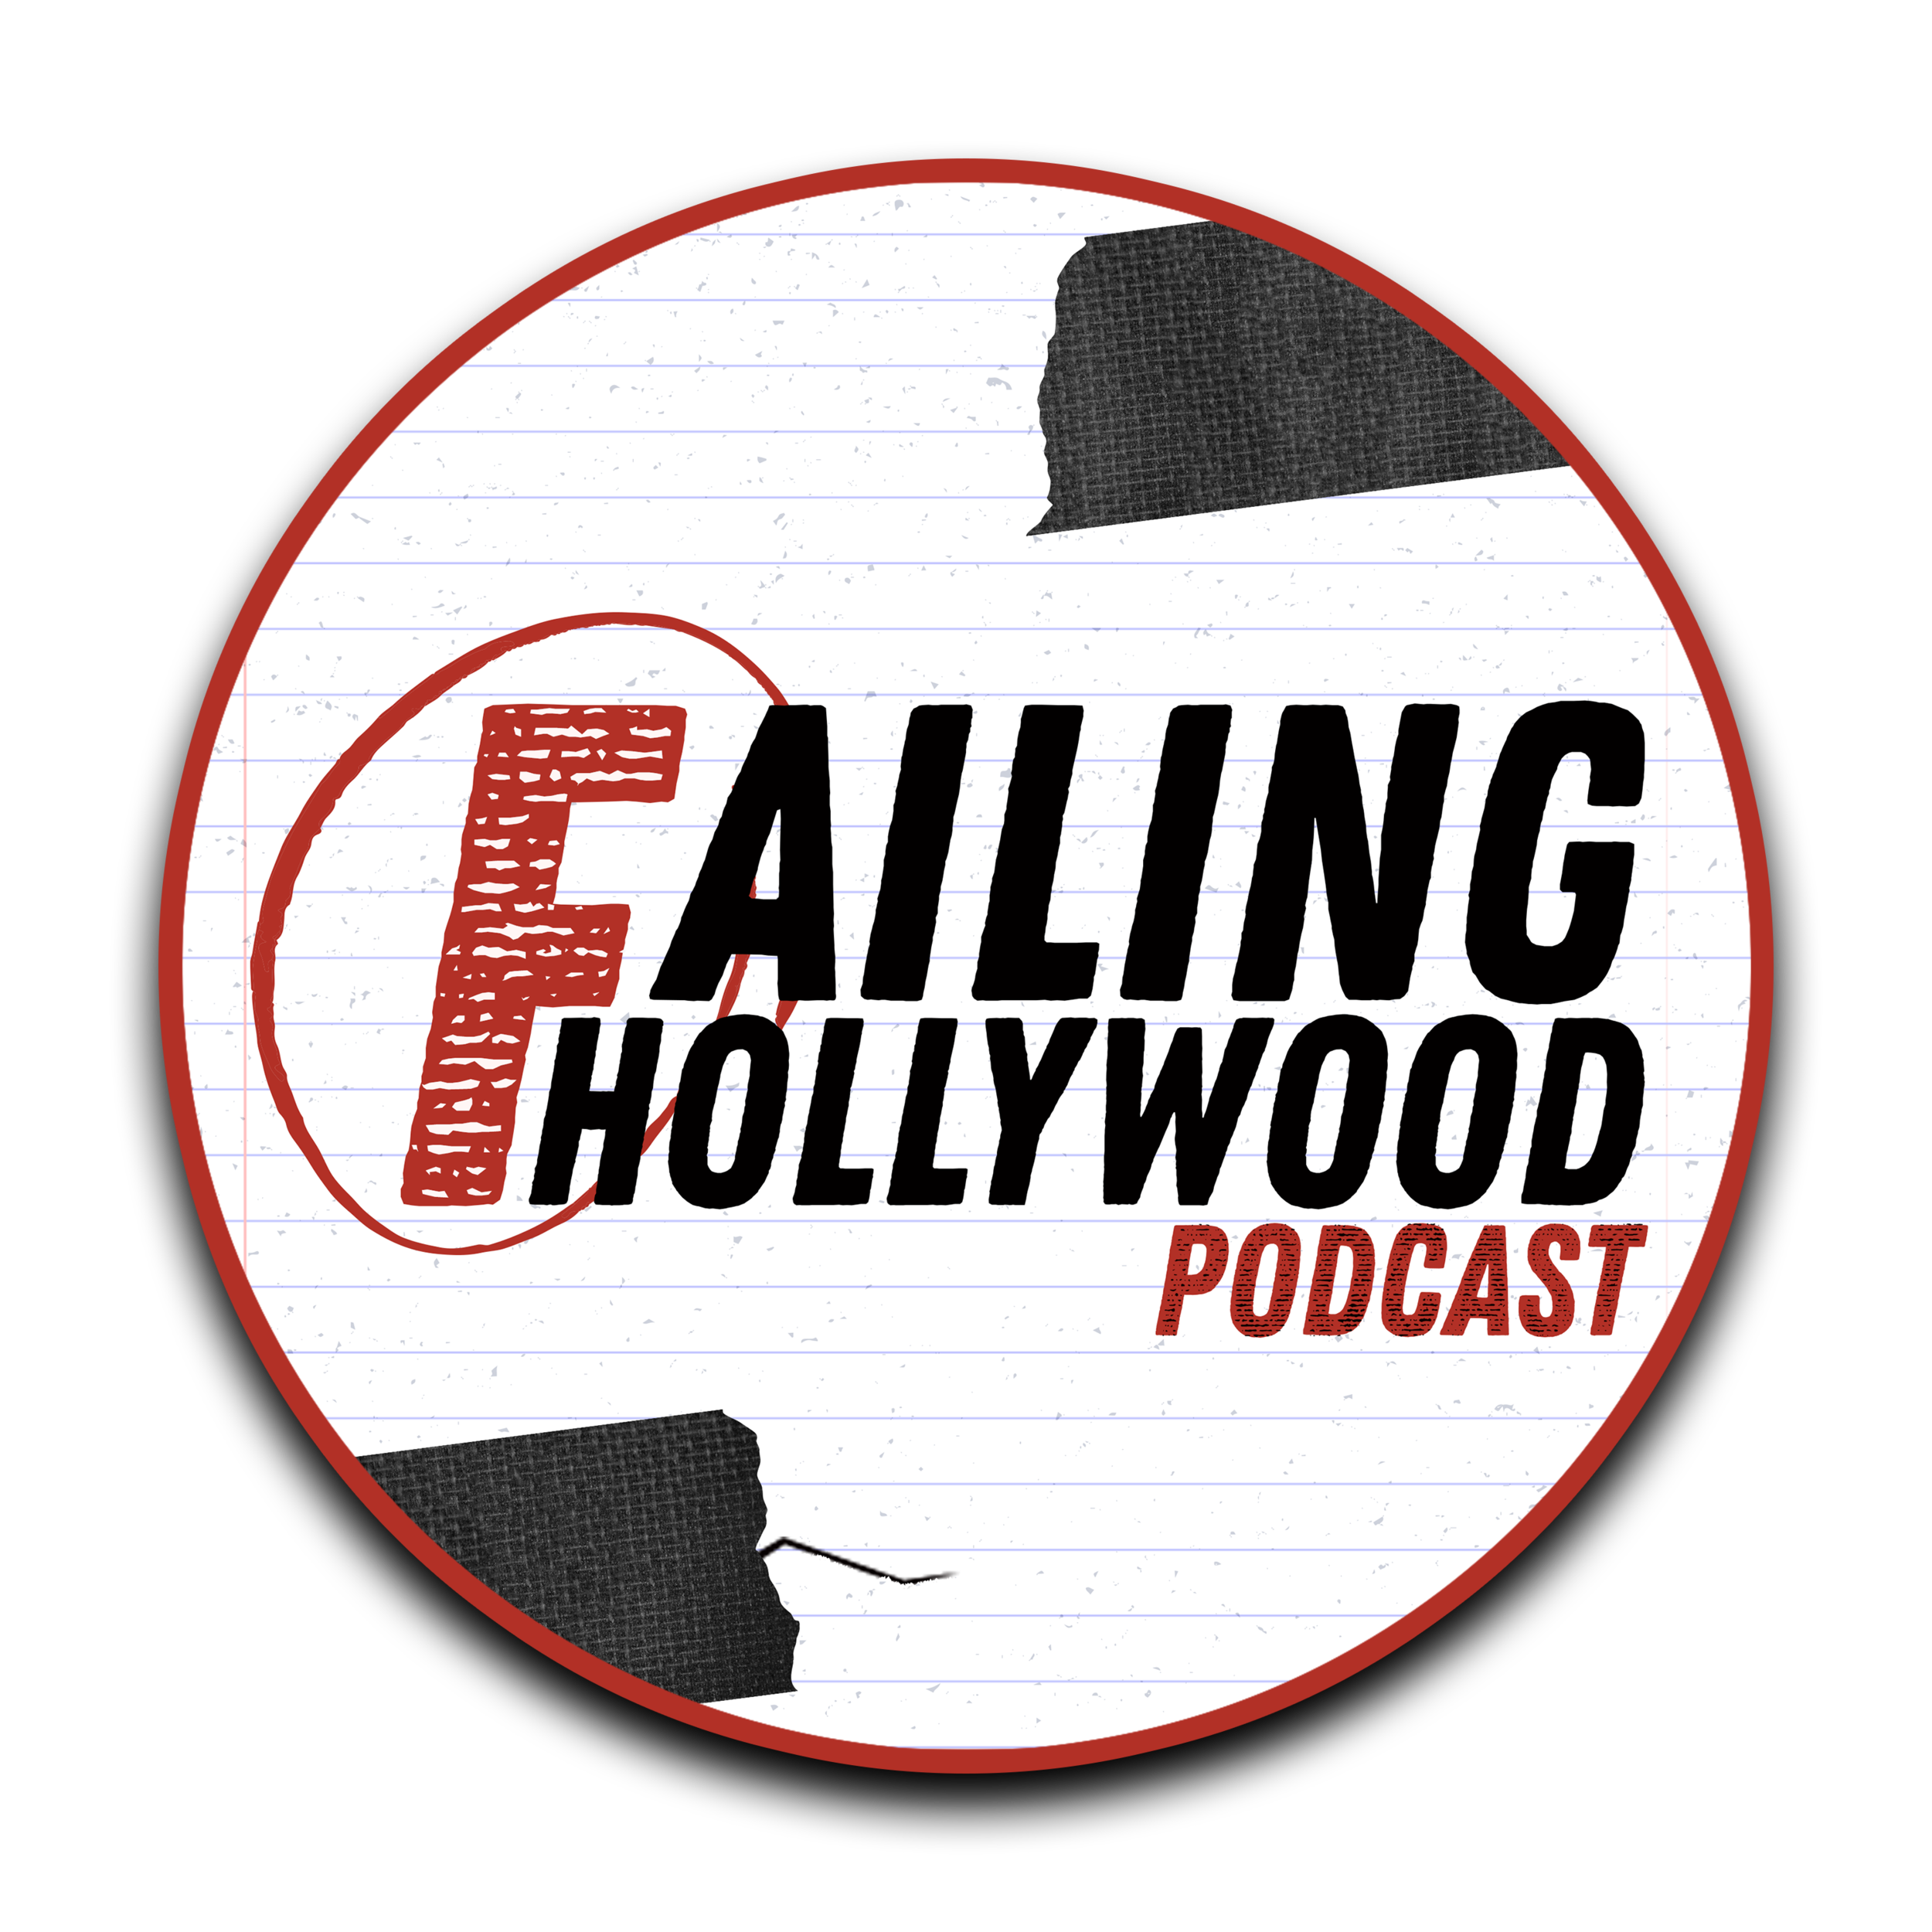 Failing hollywood.png